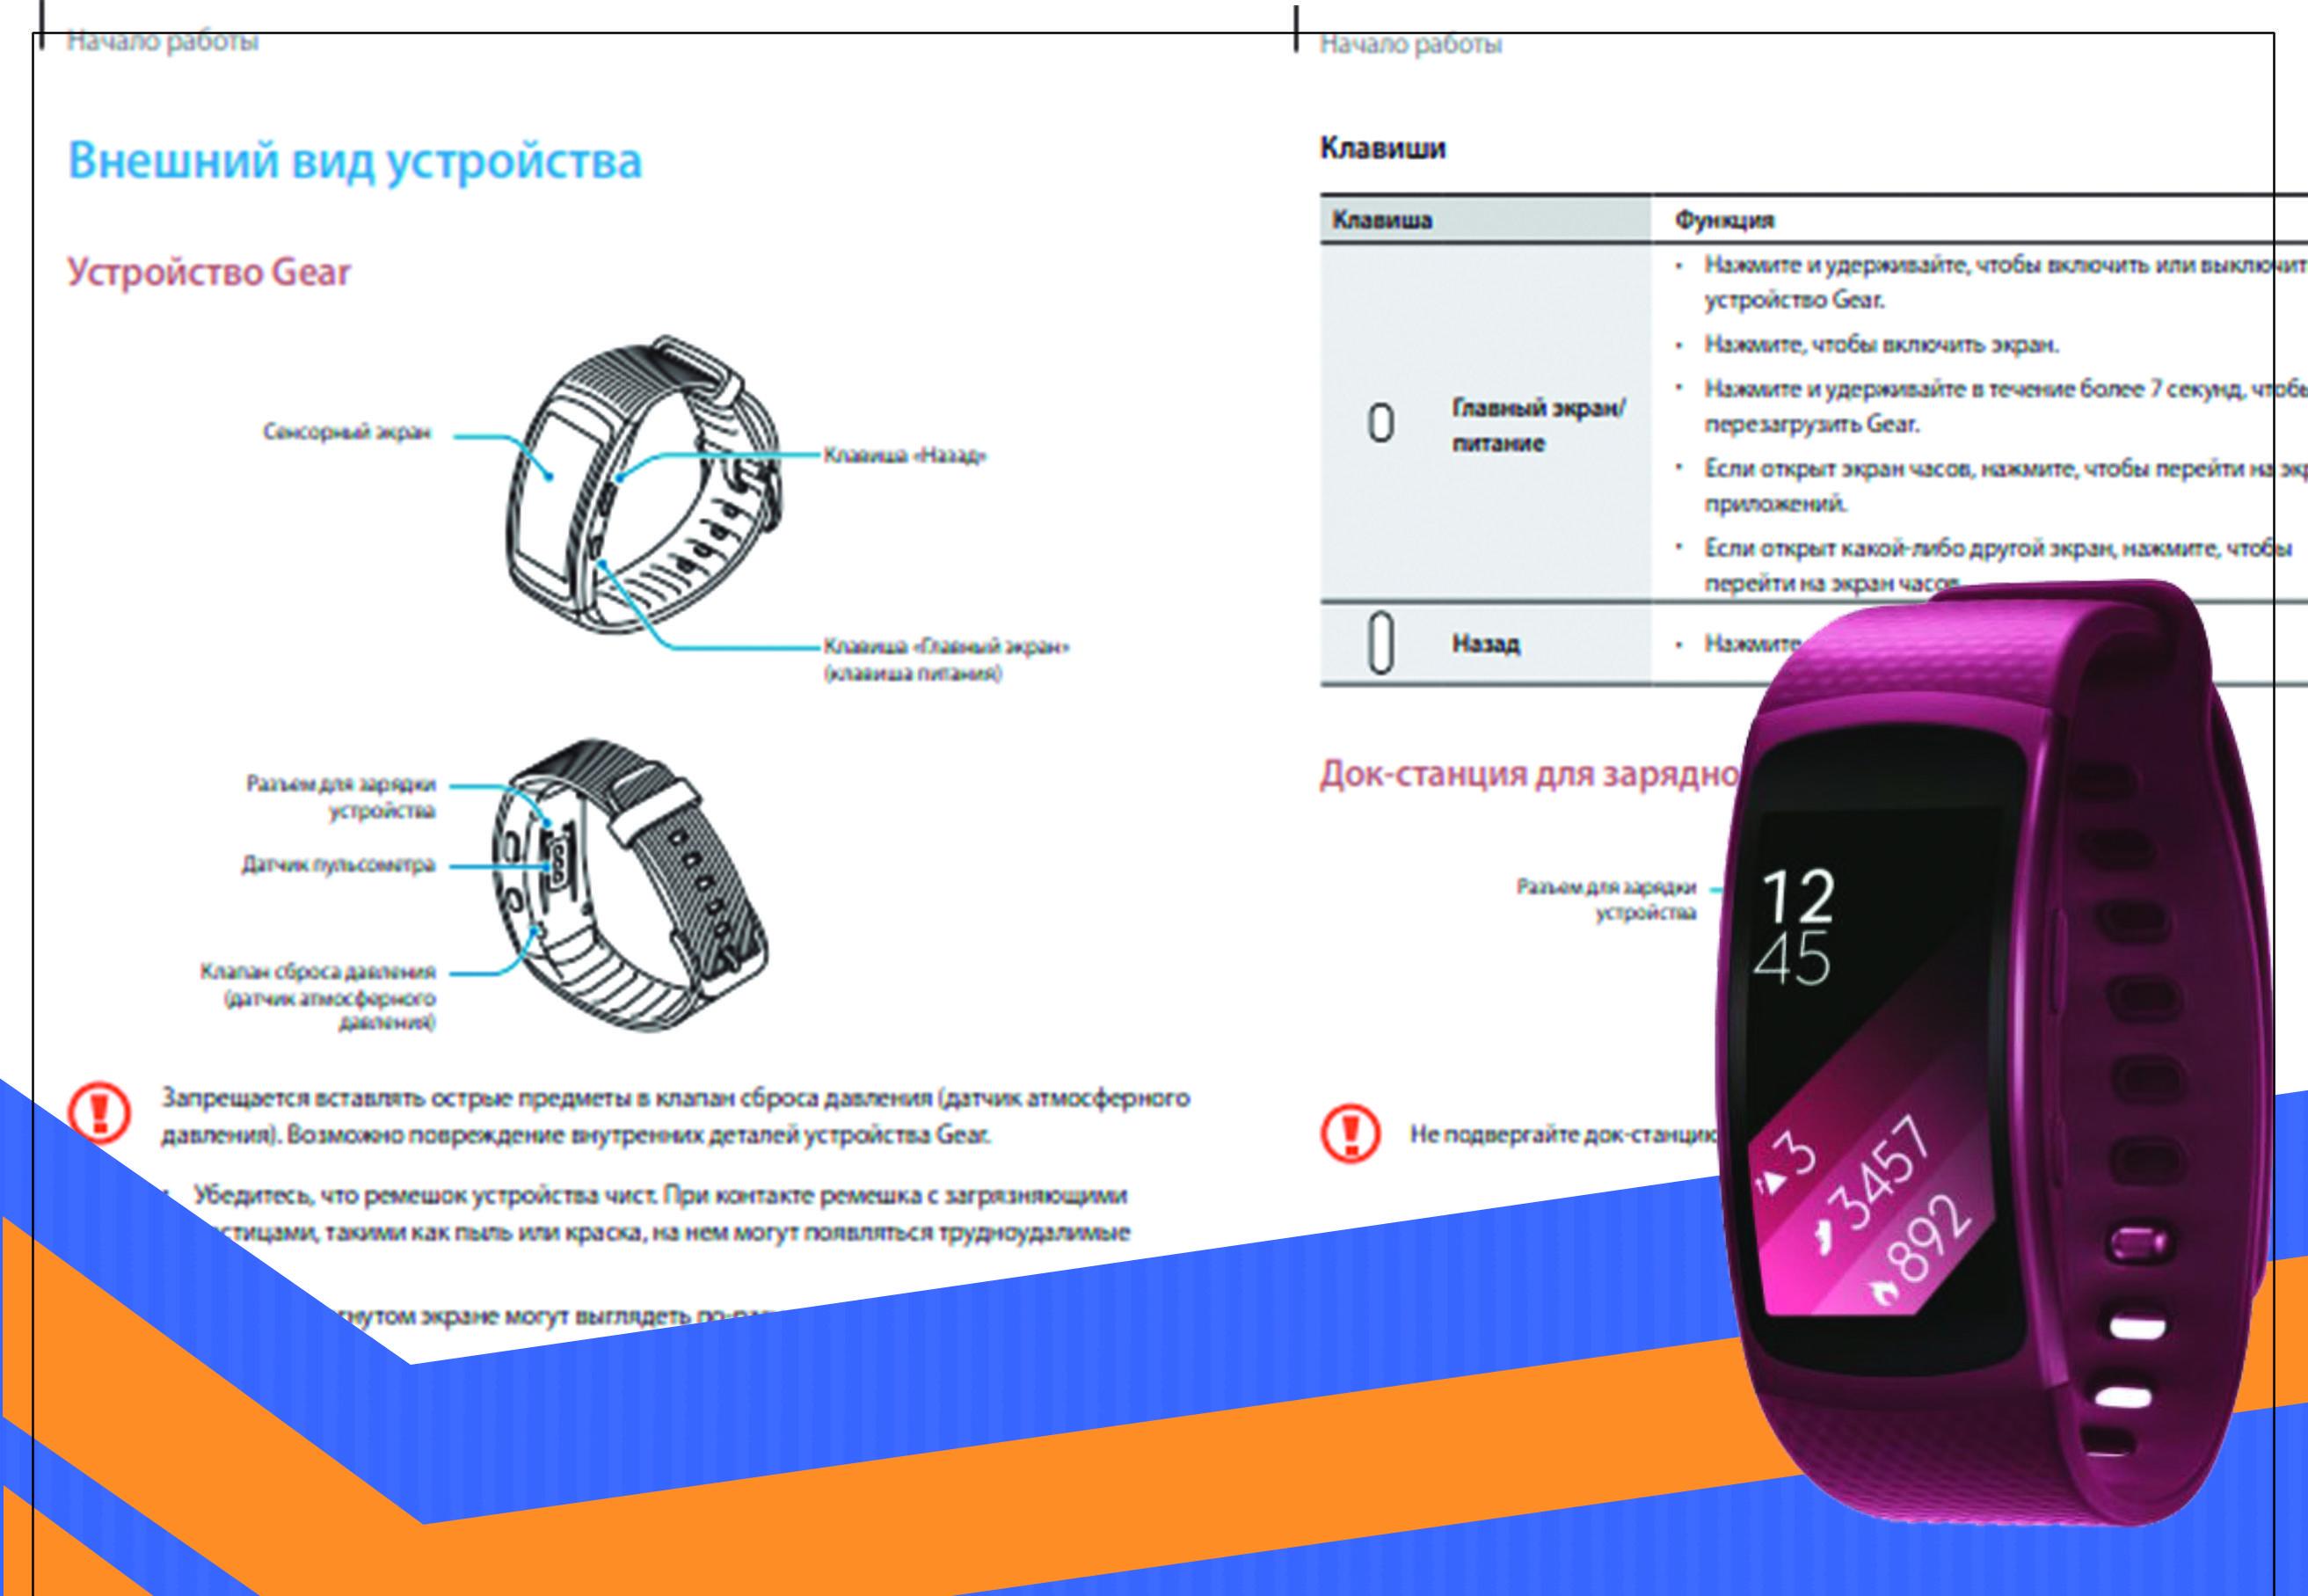 Фитнес браслет Samsung Gear Fit инструкция на русском языке